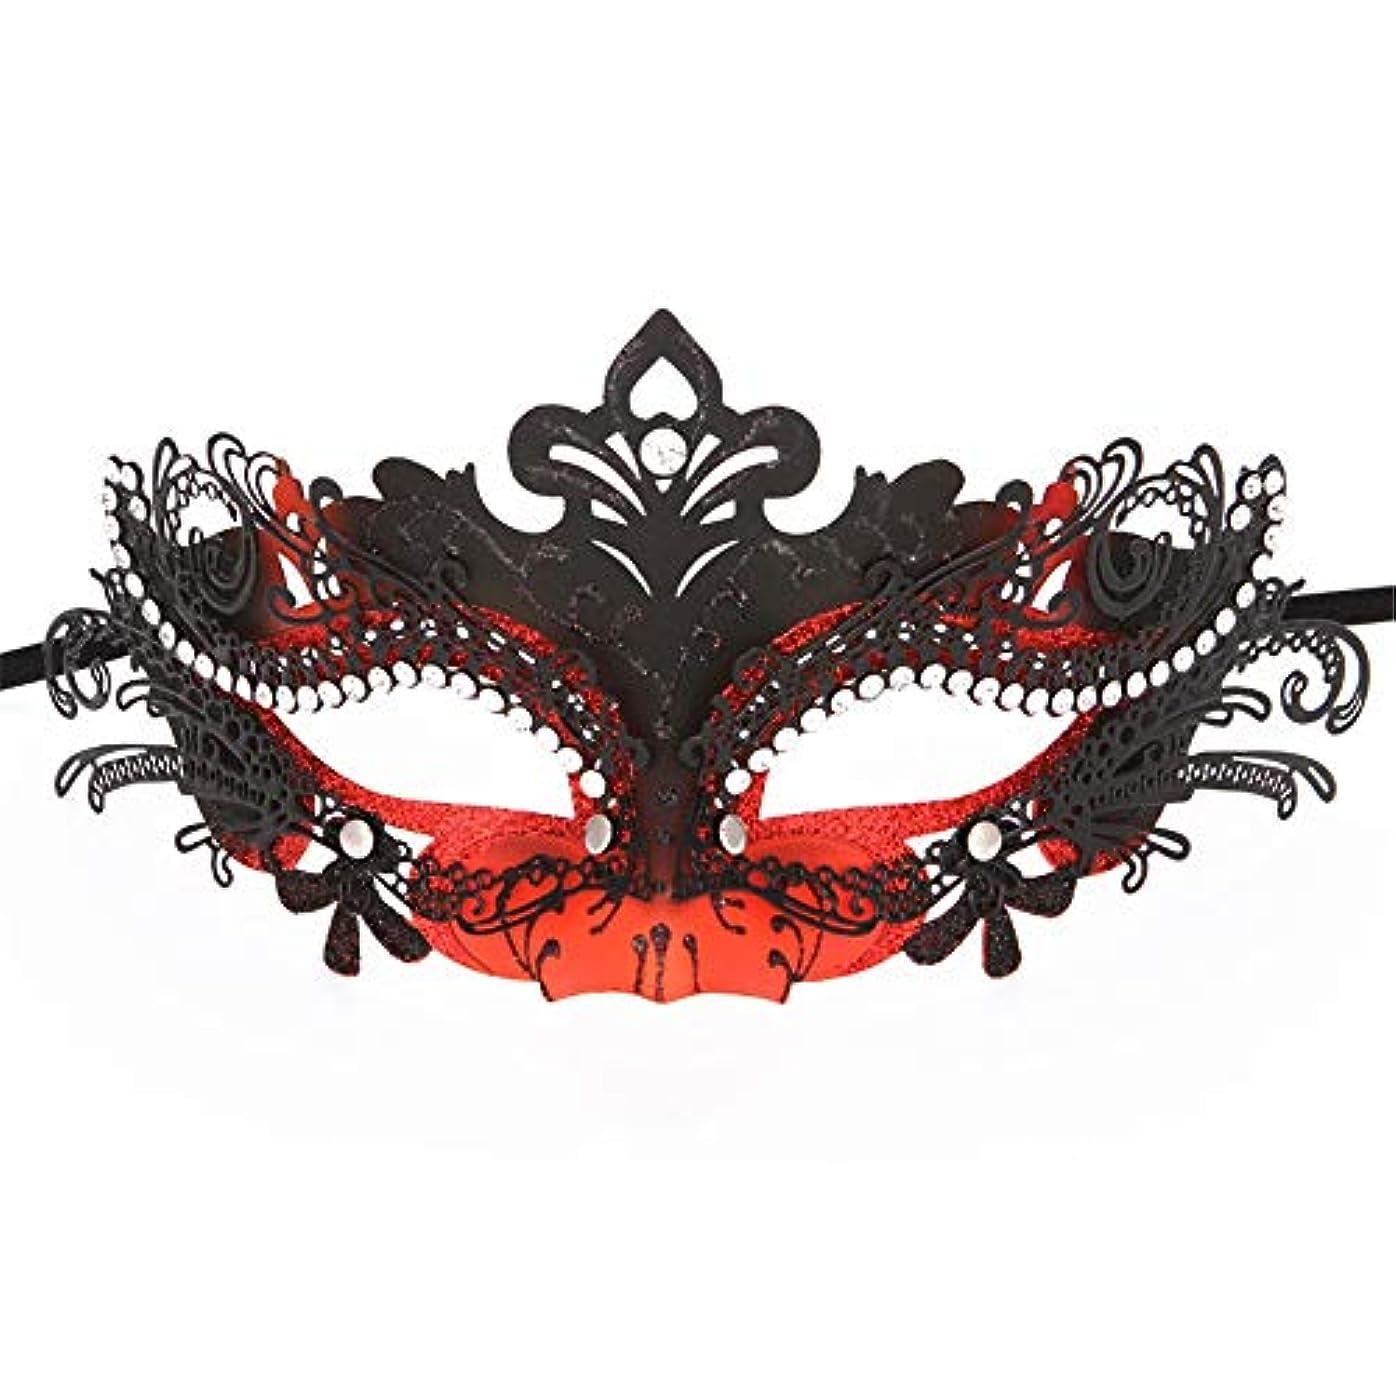 ノイズ対抗前置詞ダンスマスク 高級金属金粉高品位錬鉄マスクハーフフェイスレディースマルチカラーオプションのダンスメタルマスク パーティーボールマスク (色 : 赤, サイズ : 19x10cm)